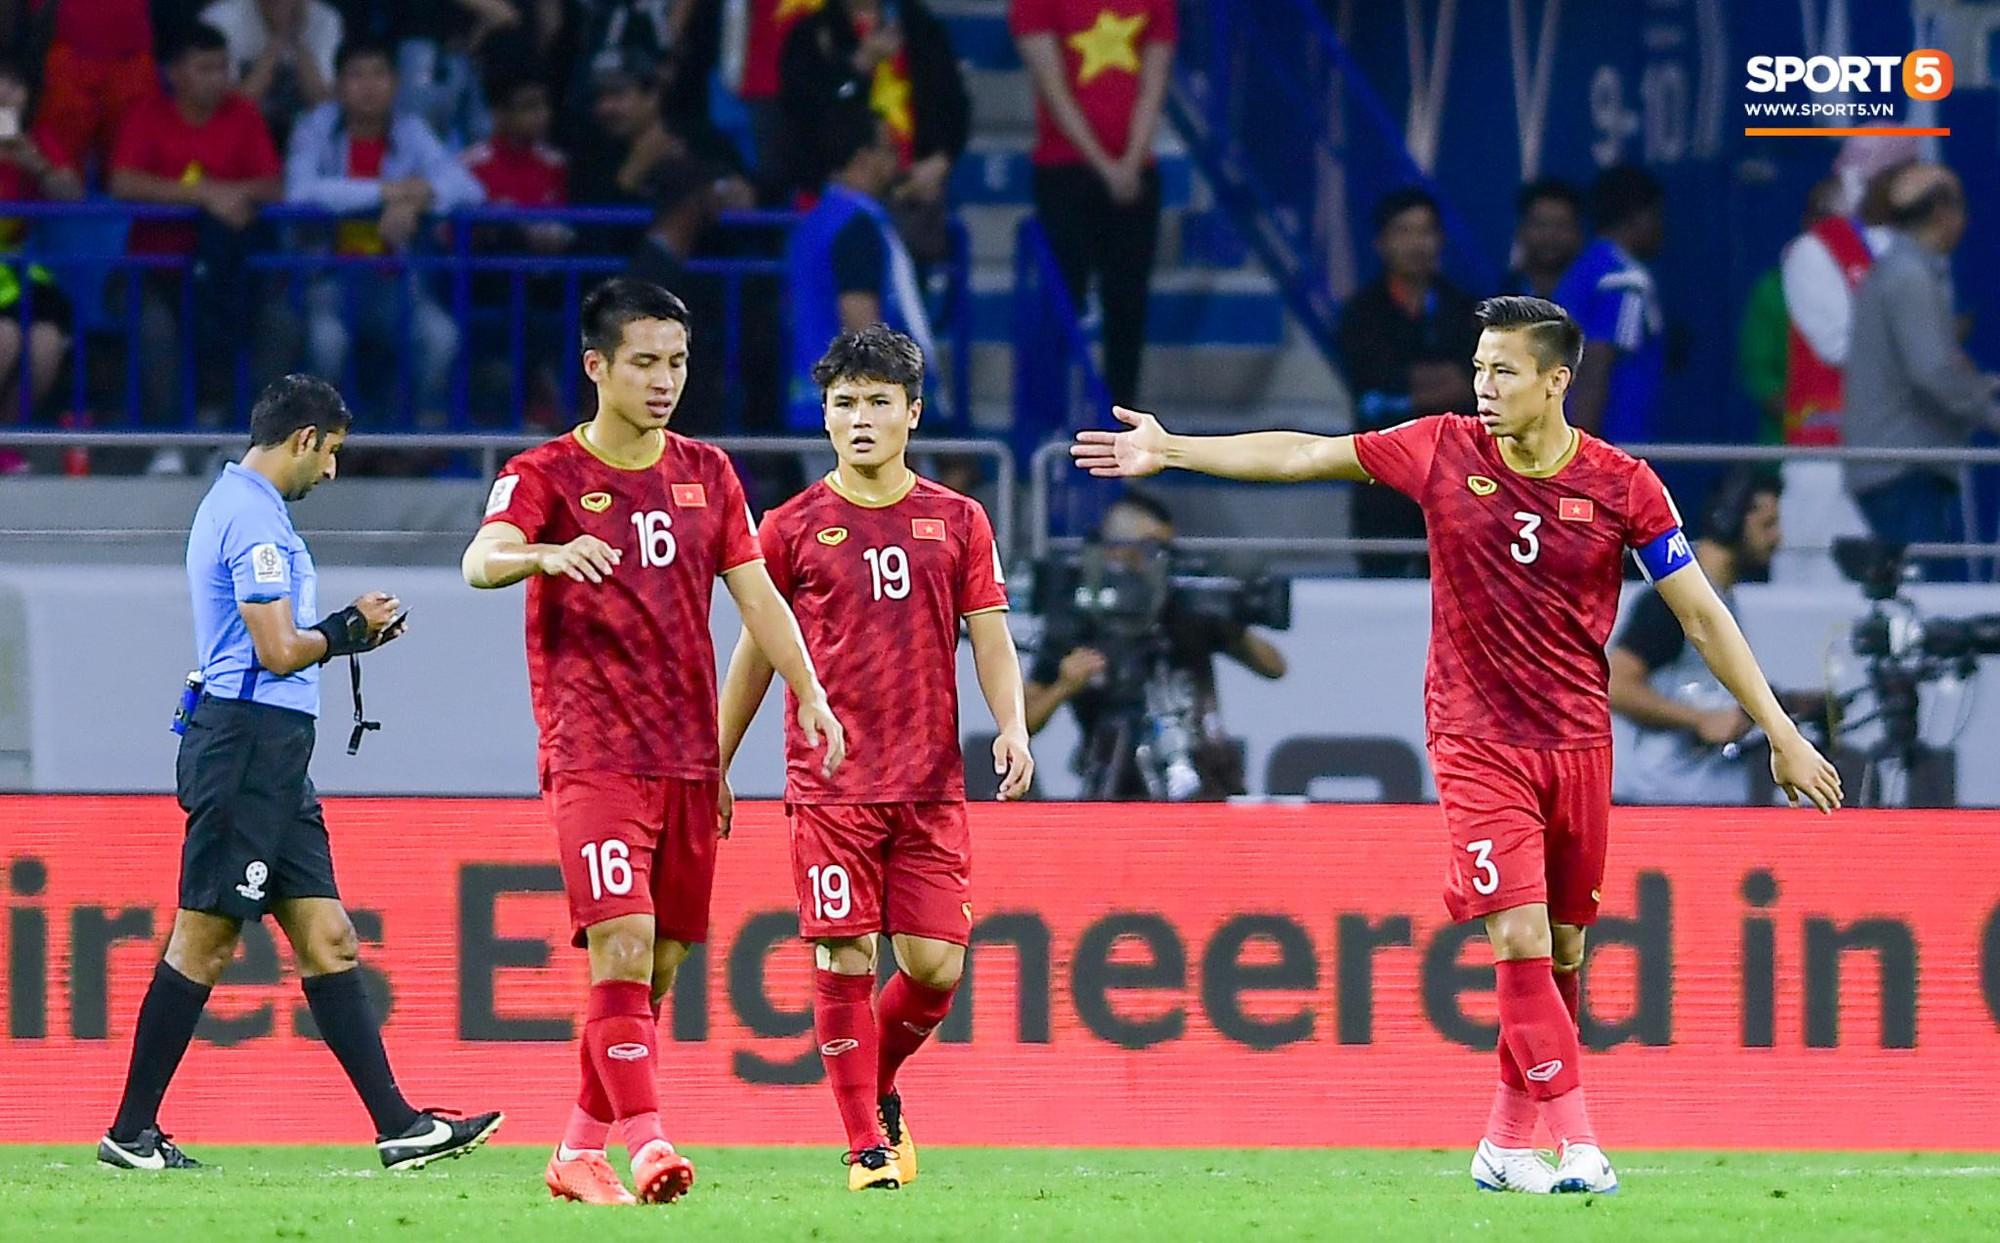 Và thực tế các cầu thủ Việt Nam đã chơi rất hay kể cả khi bị Nhật Bản dẫn bàn. Nếu những Hồng Duy, Công Phượng may mắn hơn chút, có lẽ kỳ tích đã xảy ra. Ảnh: Hiếu Lương.